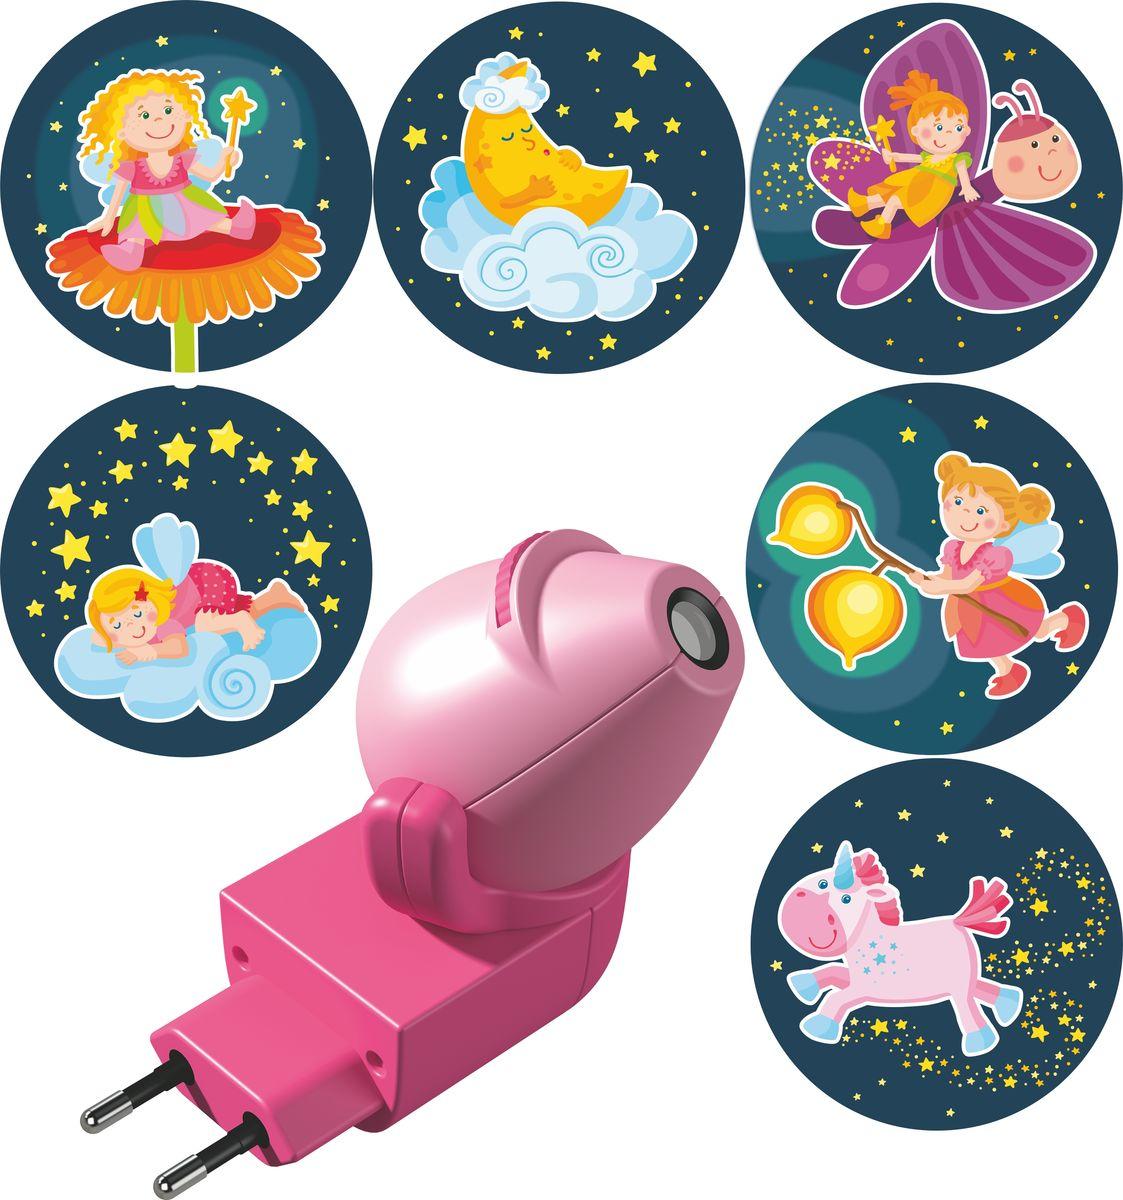 Haba Ночник-проектор Волшебный фонарь с вкладышами Феи301992Ночник-проектор Haba Феи станет прекрасным спутником вашего малыша в мире Морфея. Шесть милыхкартинок со спящими феями развеют тьму и навеют прекрасные сны.